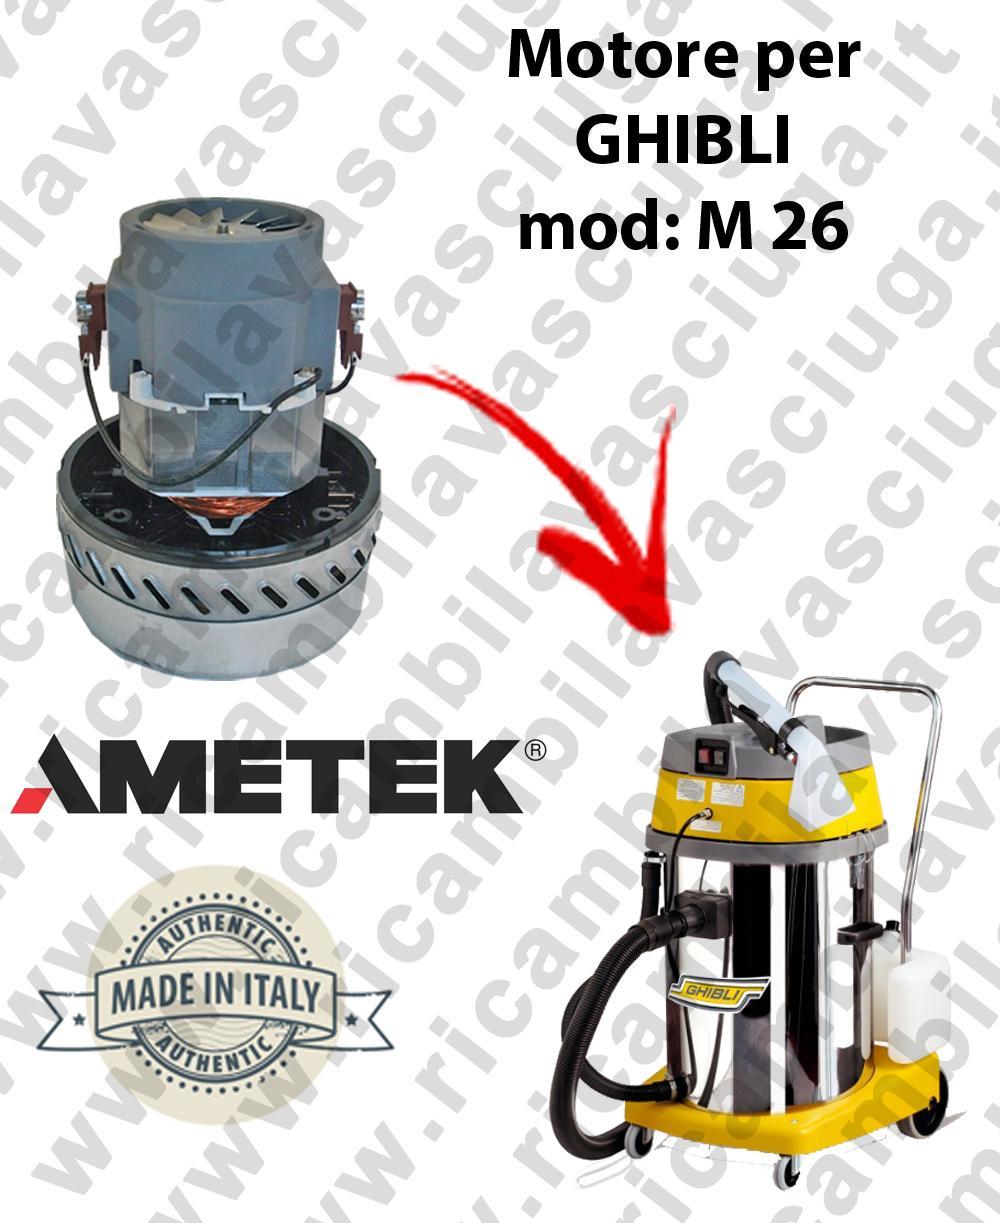 M 26 motore aspirazione per macchina estrattrice moquette GHIBLI